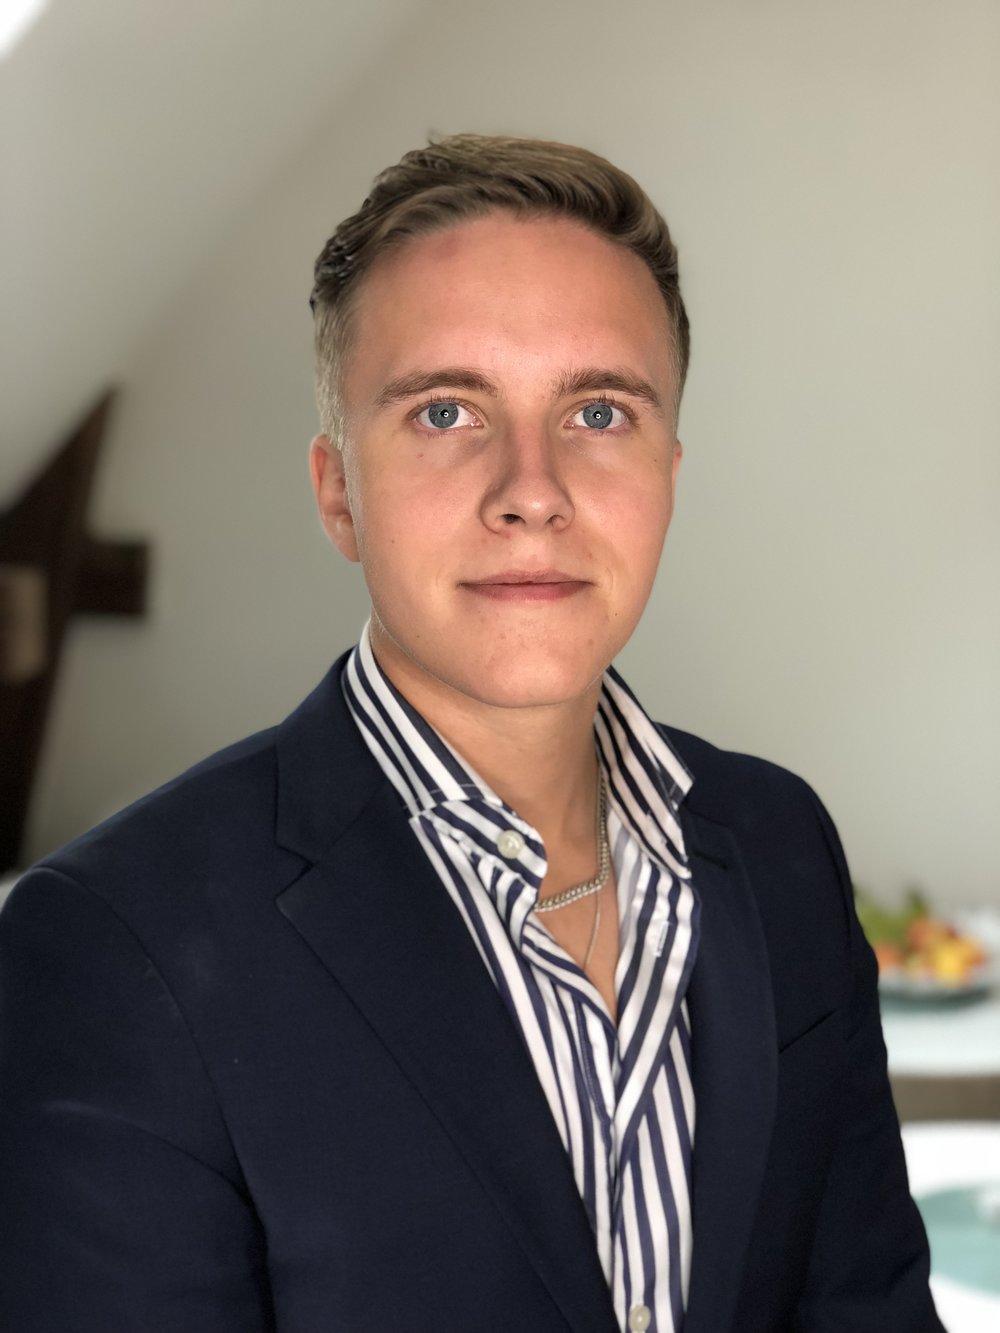 Mathias Bardland  VD, delägare  016 - 140555  mathias  @stadarna.se   Städarna ks56 AB Tullgatan 4 632 20 Eskilstuna  Arbetat på Städarna sedan 2017